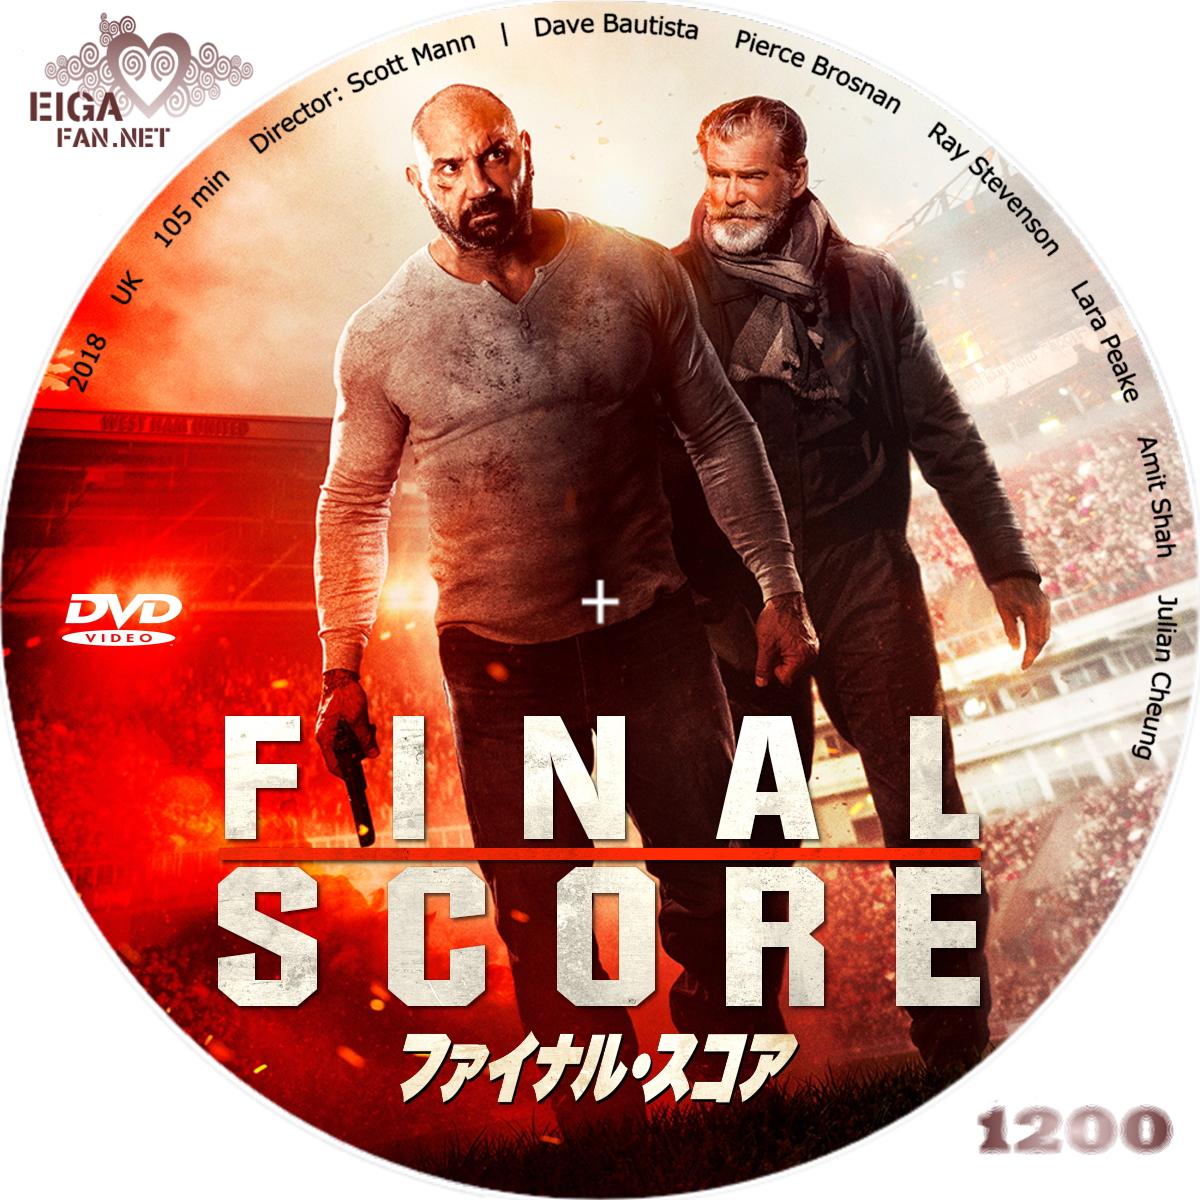 ファイナル・スコア/FINAL SCORE (2018)      自作DVDラベル&BDラベル      洋画【ふ】PAGE-154